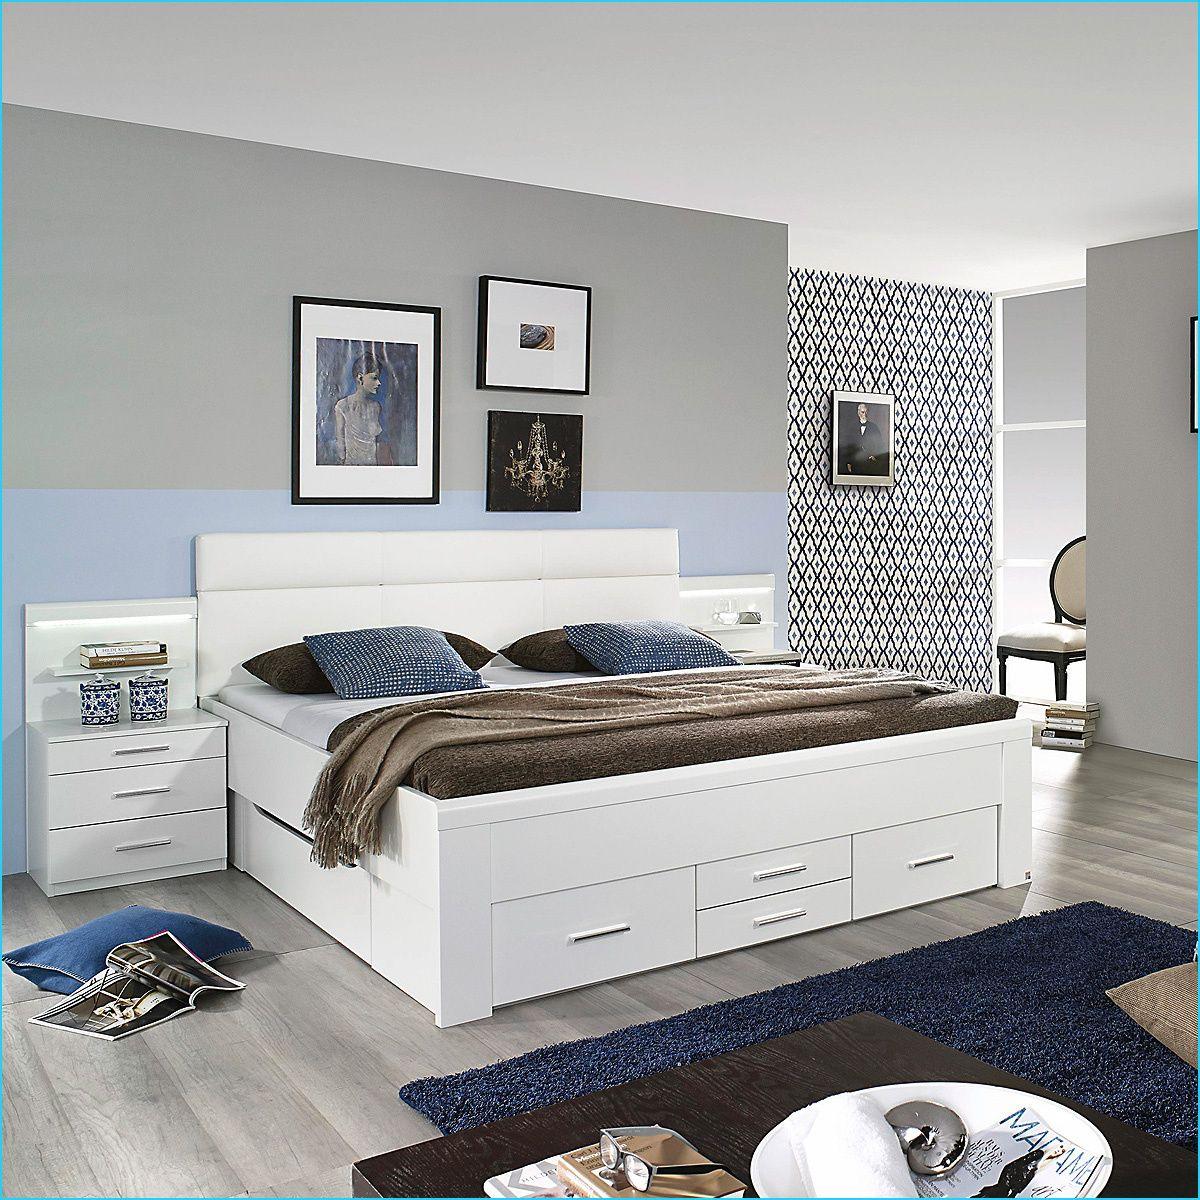 19 Erstaunlich Doppelbett 180x200 Weiss In 2020 Bett Mit Stauraum Bett Mit Aufbewahrung Haus Deko